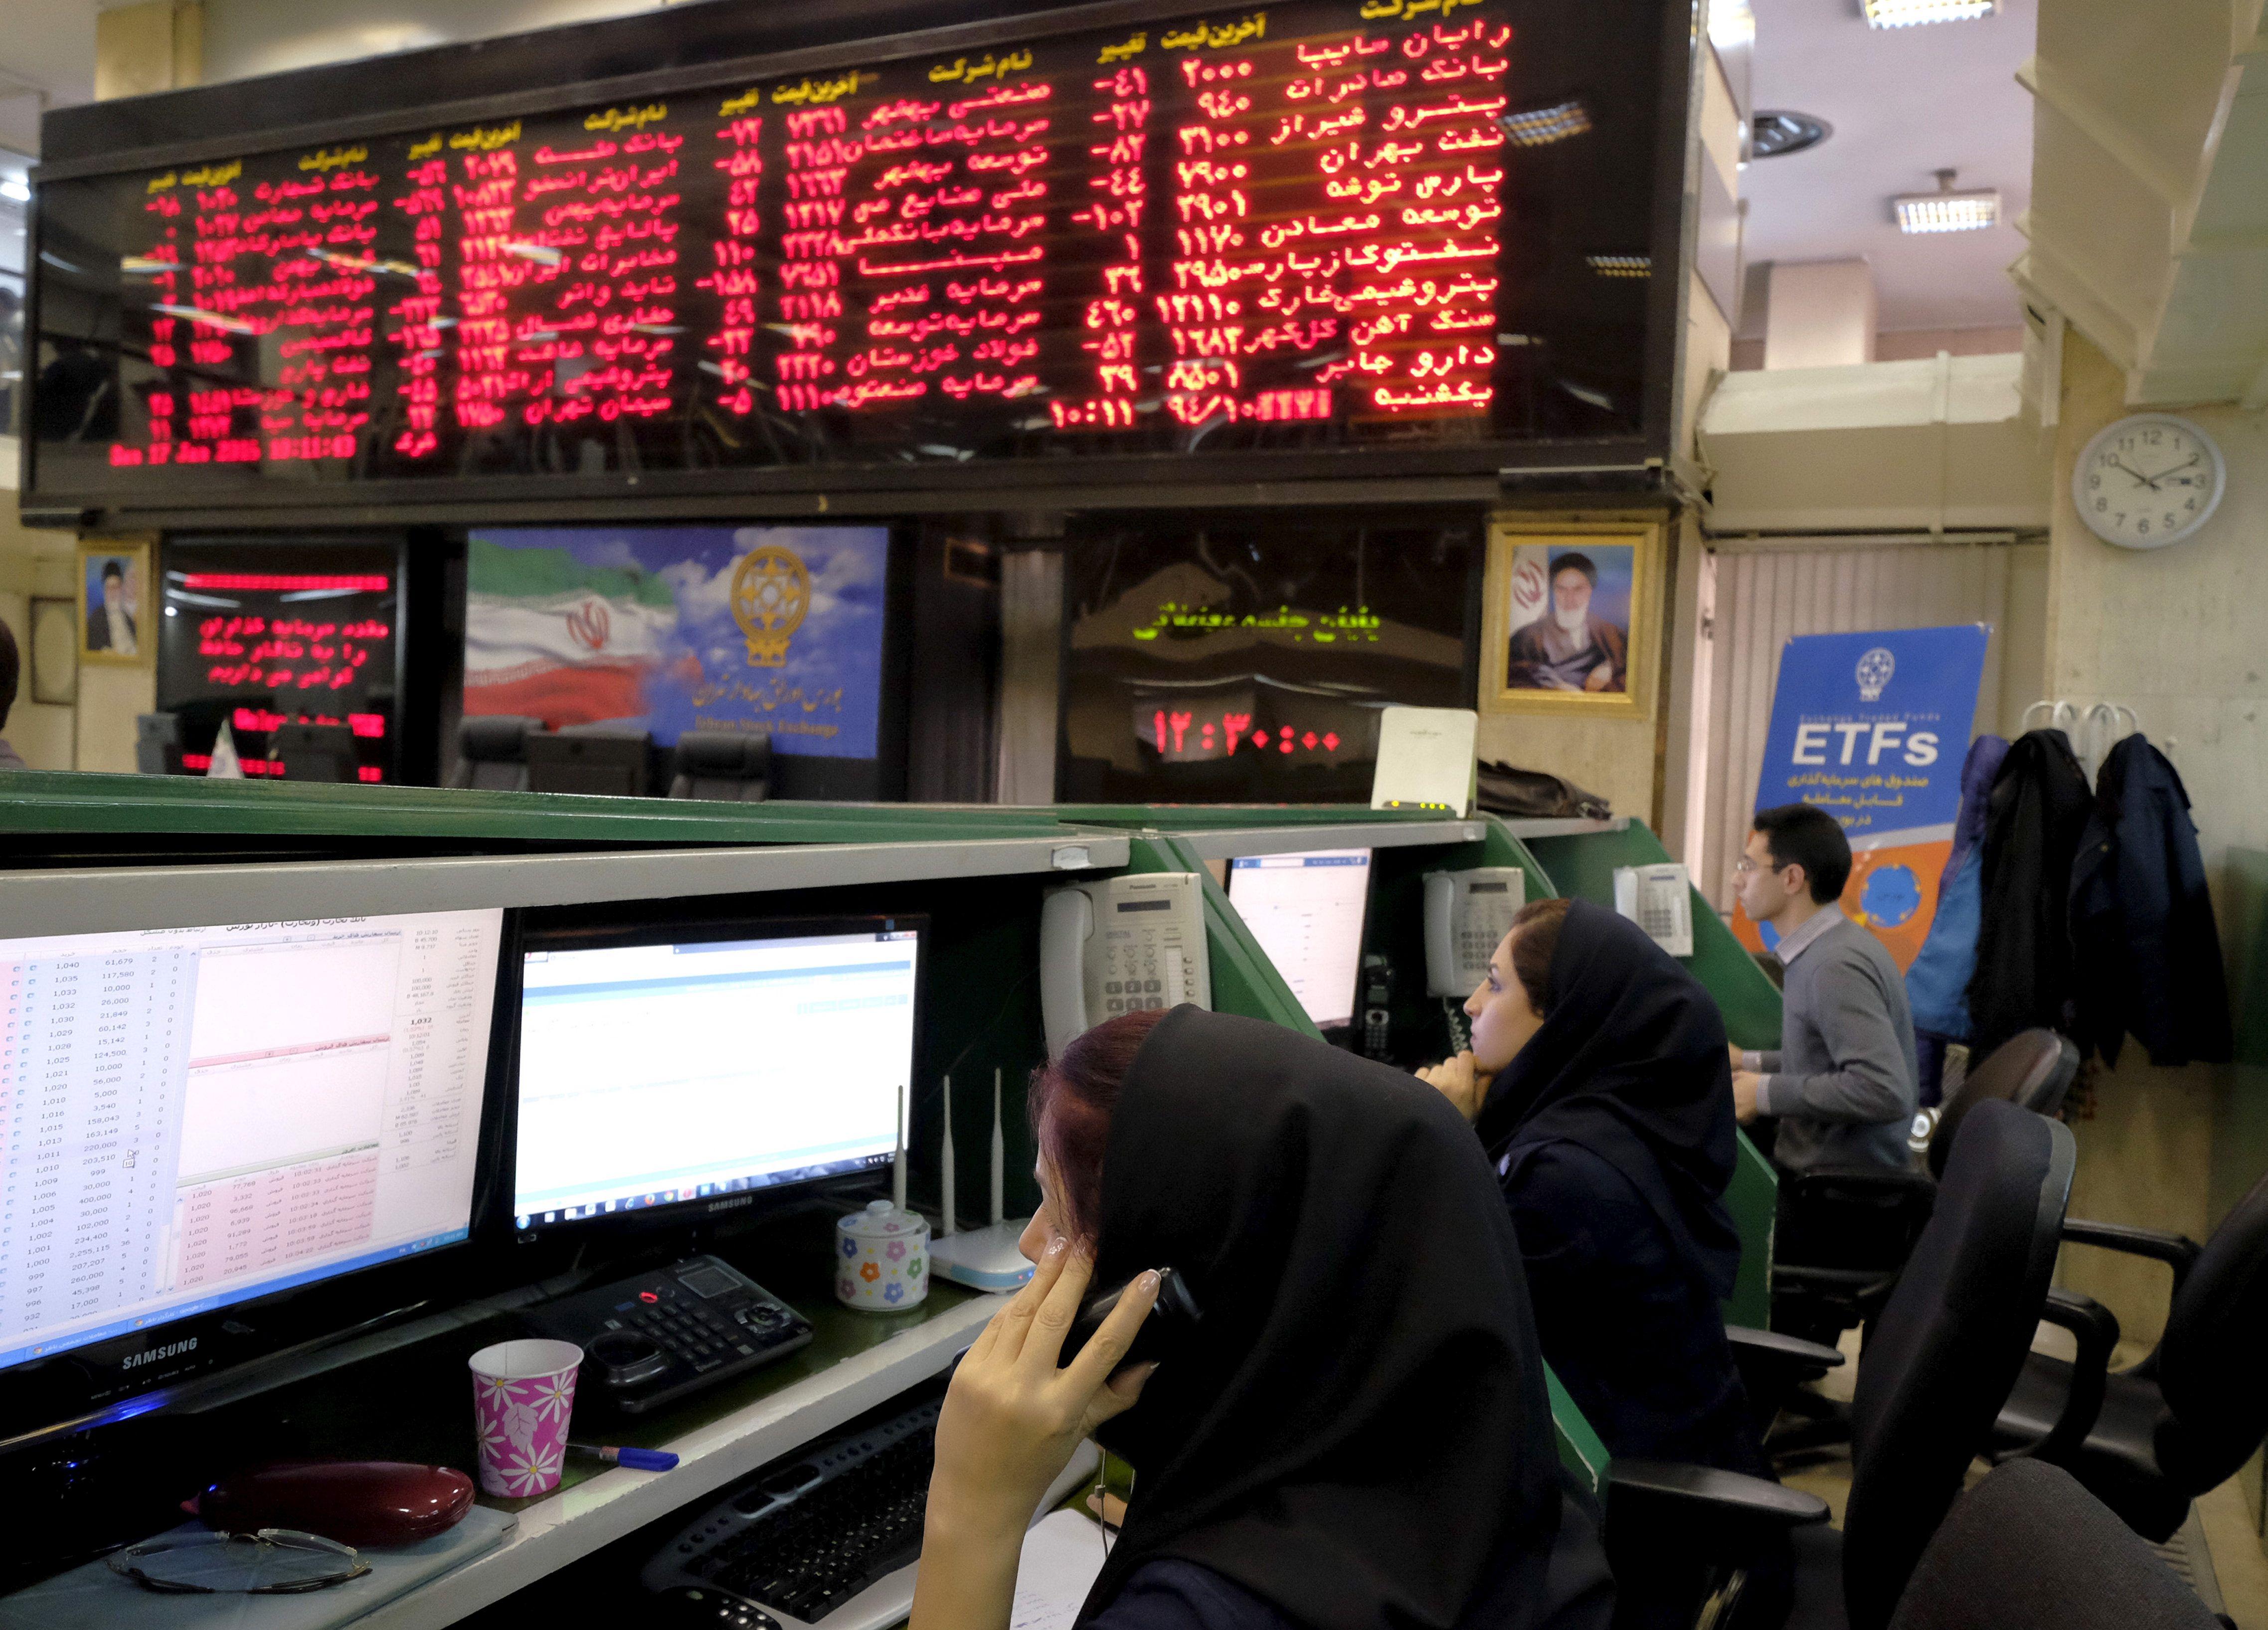 Nebijantiems rizikuoti � lyg ant mieli� auganti Irano akcij� rinka